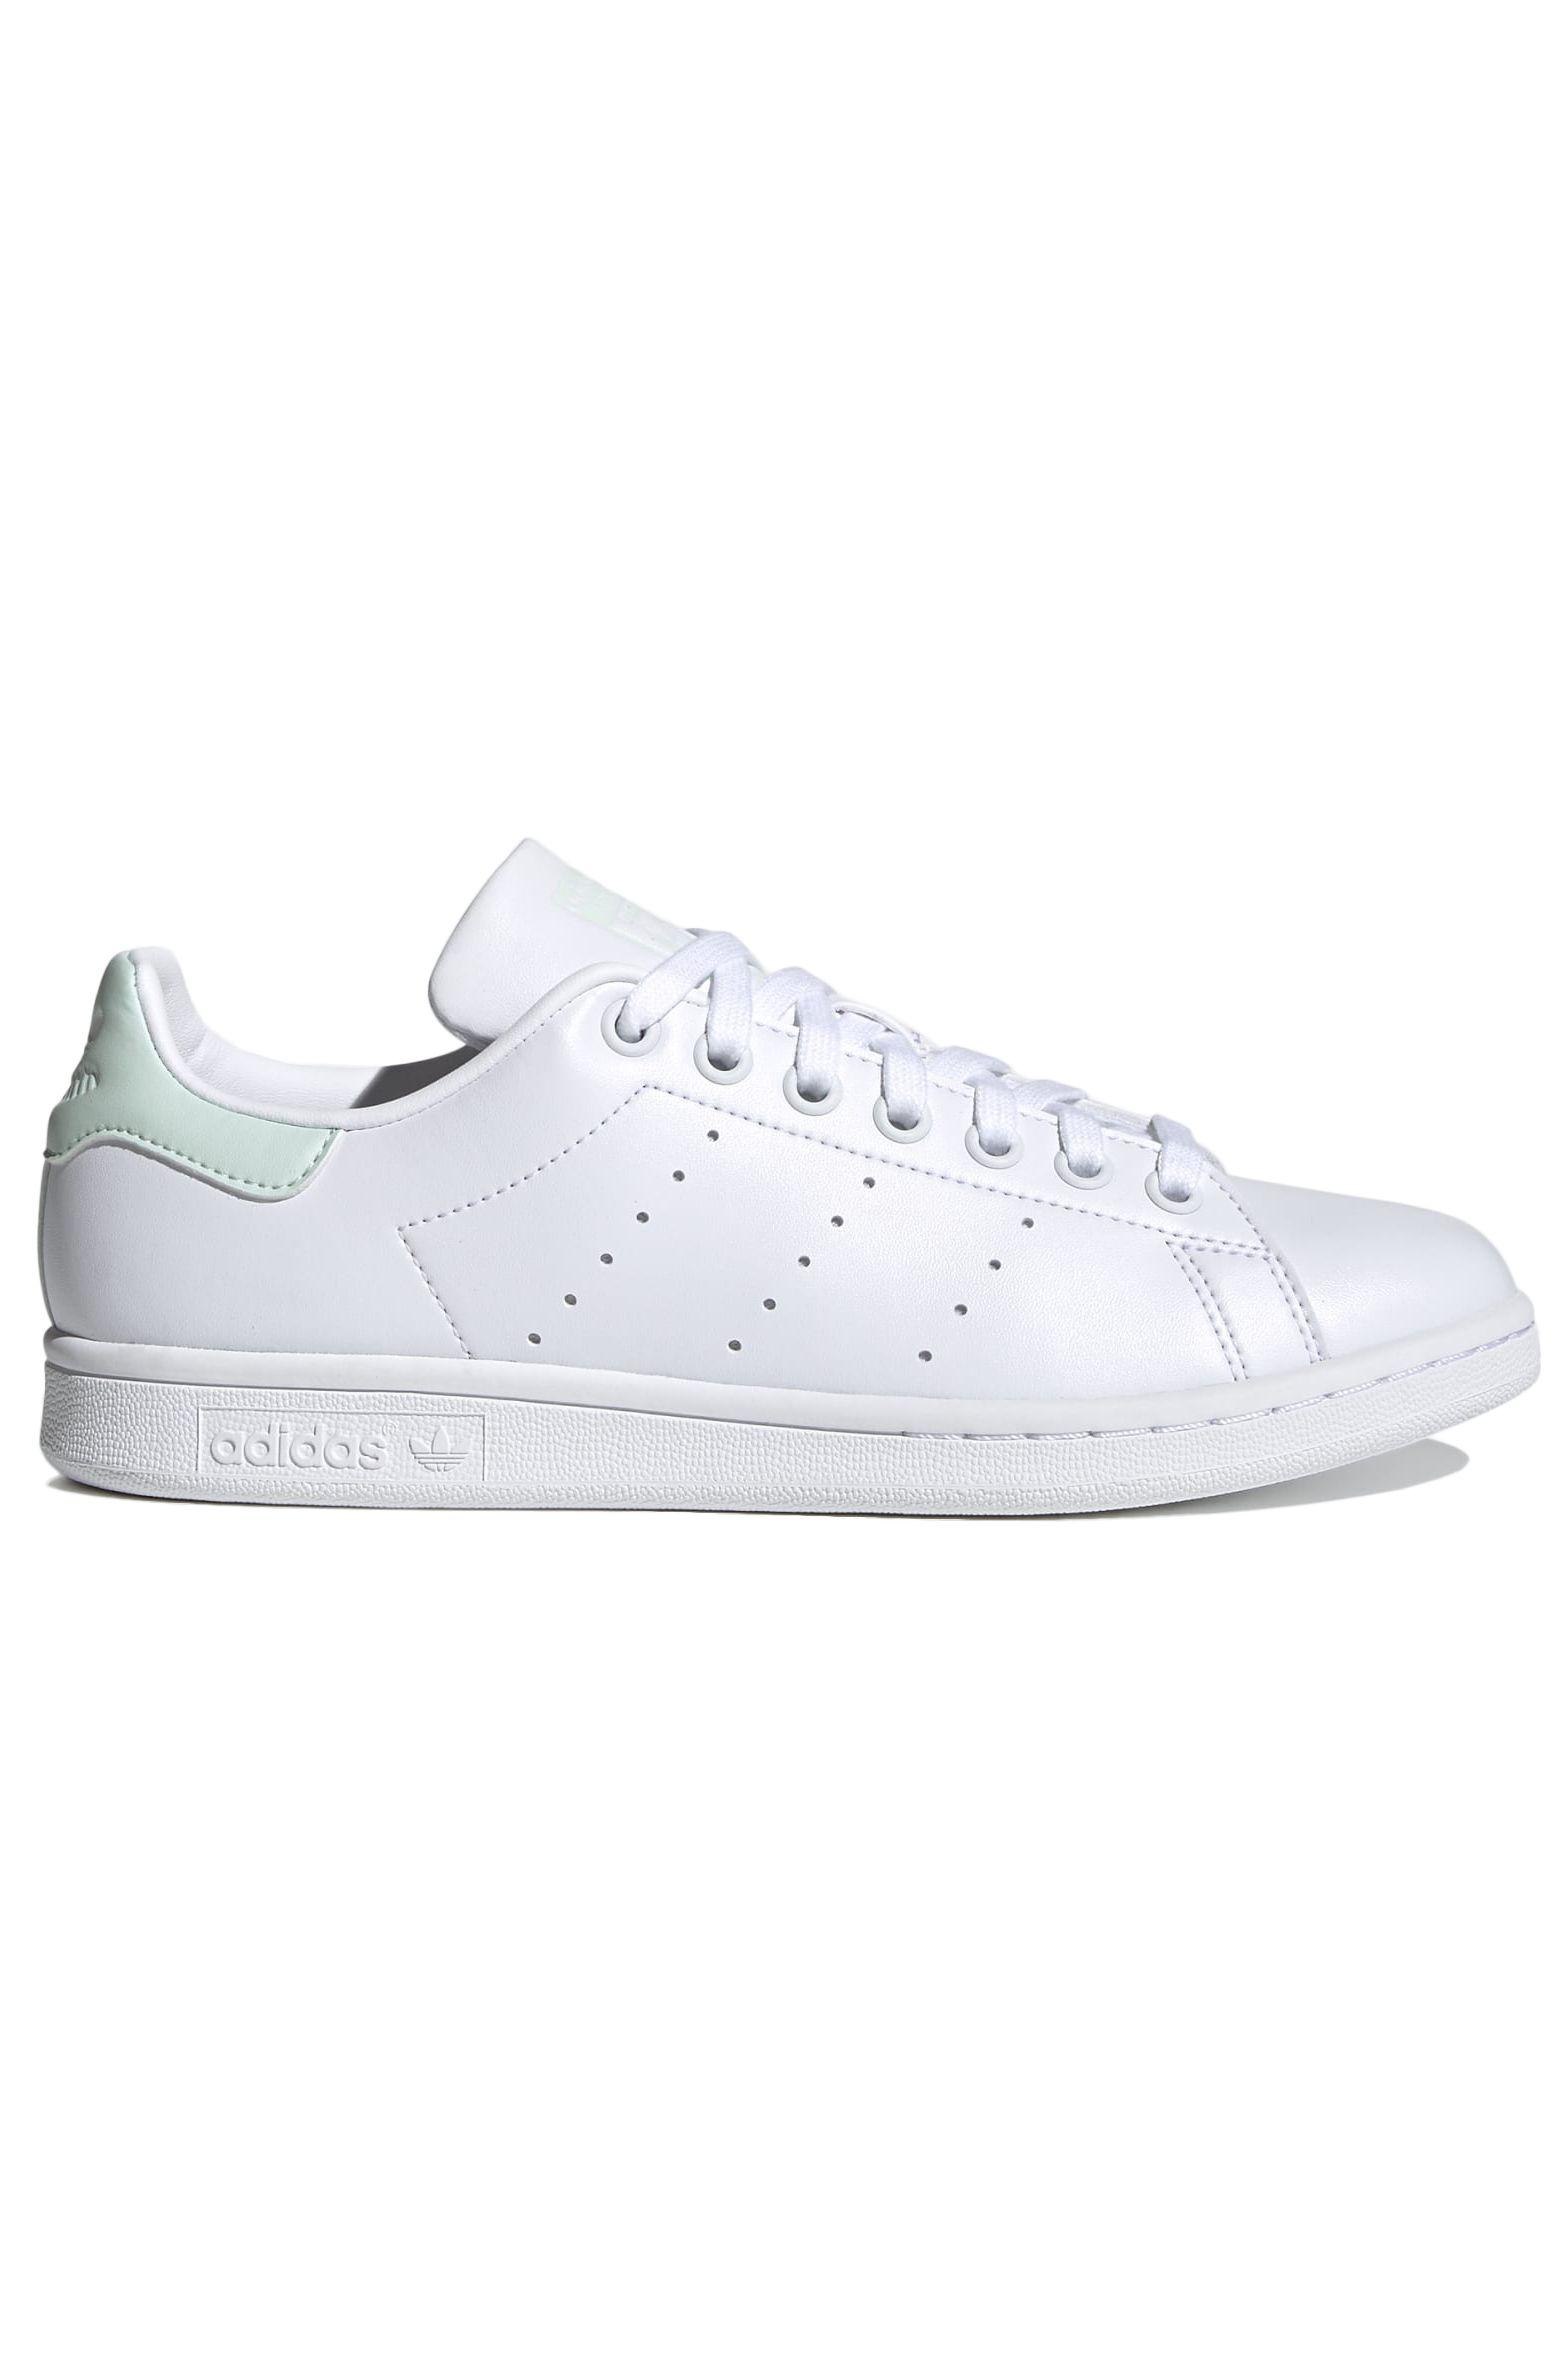 Tenis Adidas STAN SMITH W Ftwr White/Dash Green/Core Black